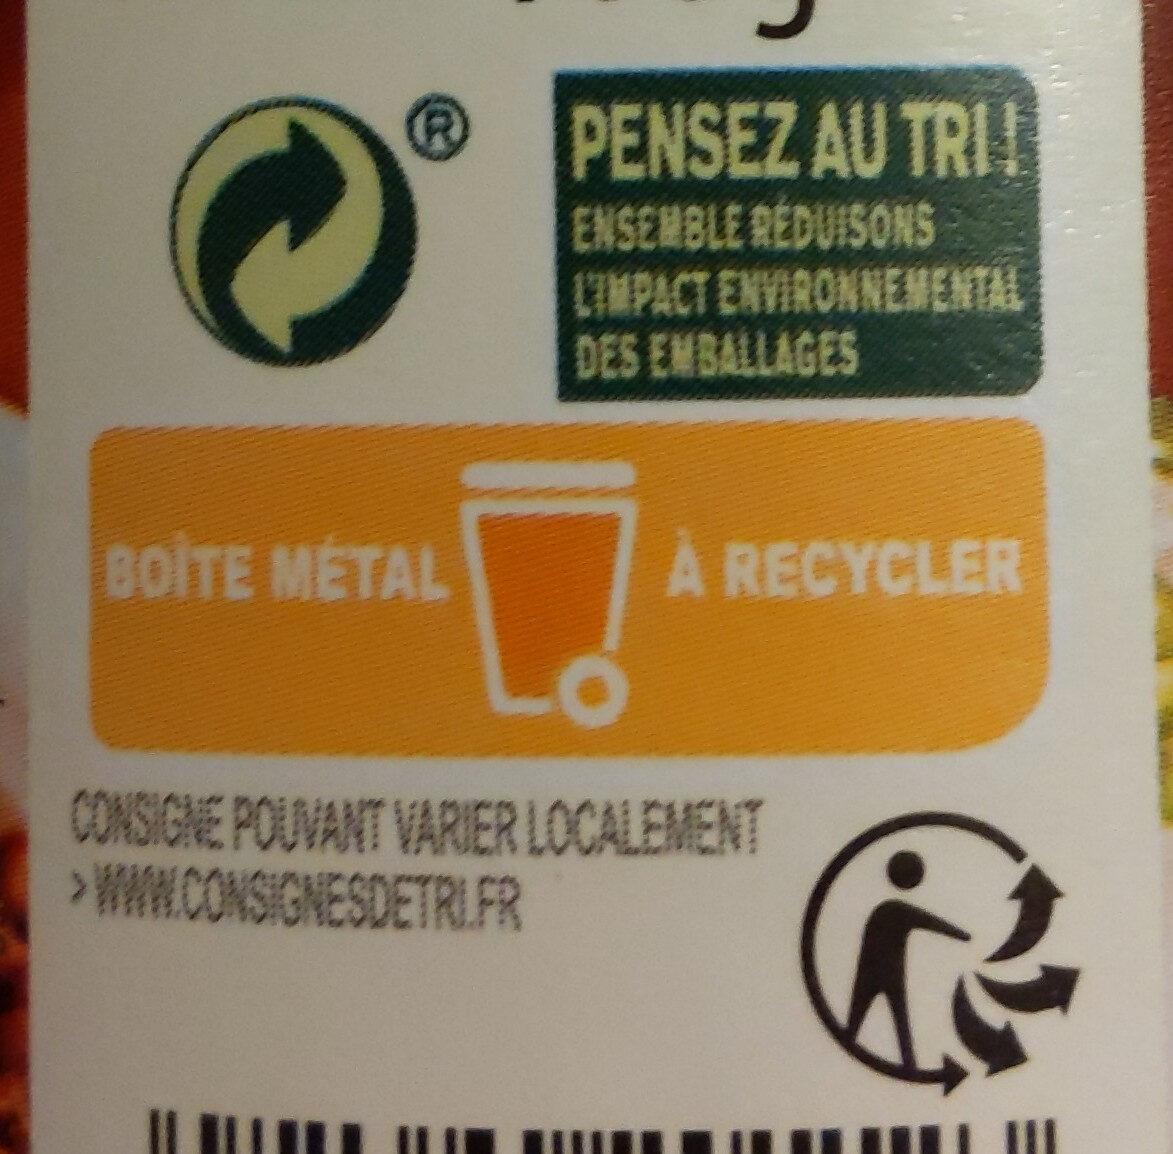 Lentilles cuisinées à l'Auvergnate - Instruction de recyclage et/ou informations d'emballage - fr